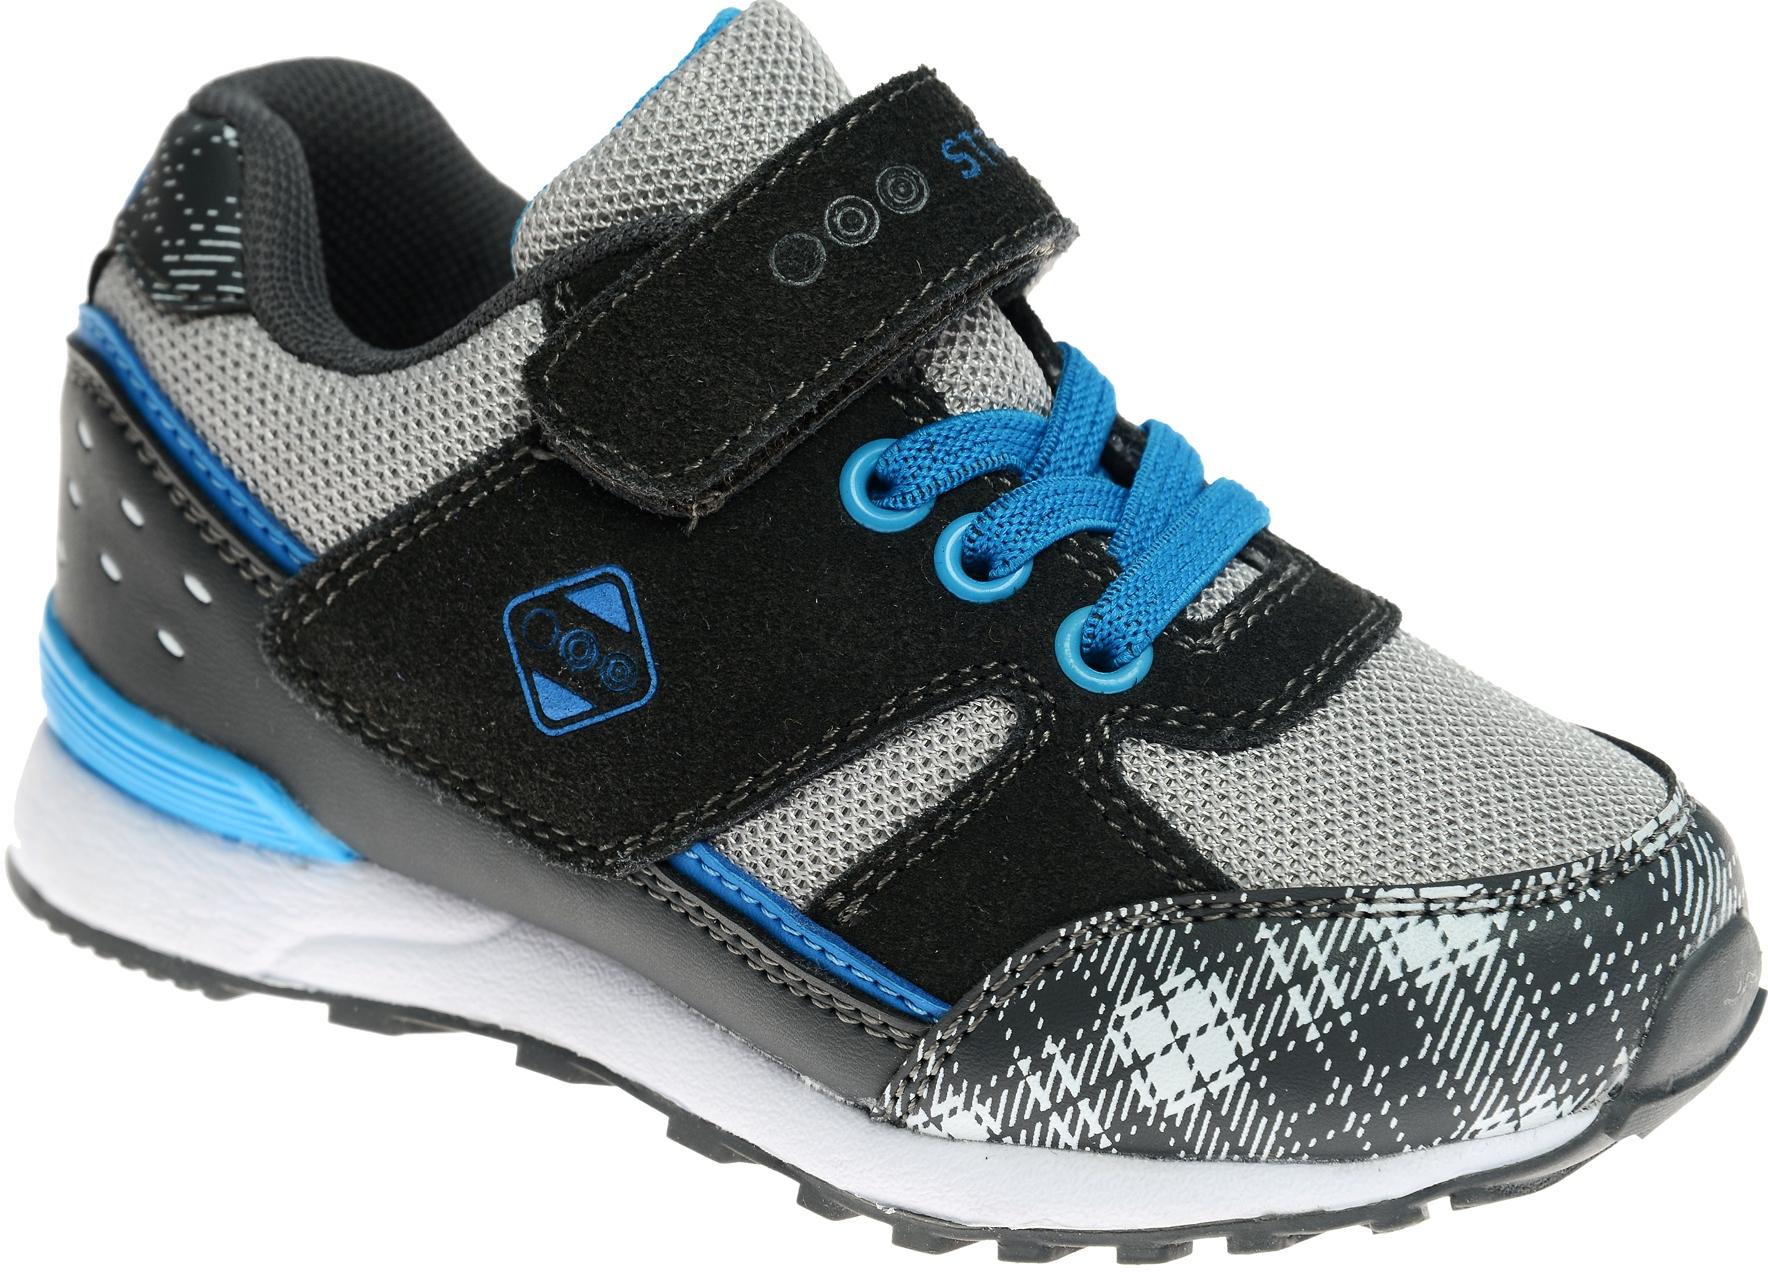 КроссовкиS1402-04Стильные кроссовки Strobbs отлично подойдут для активного отдыха и повседневной носки. Верх модели выполнен из дышащего текстиля со вставками из искусственной кожи и замши. Удобная шнуровка и хлястик на липучке надежно зафиксируют модель на стопе. Особая форма подошвы обеспечит удобство при ходьбе.